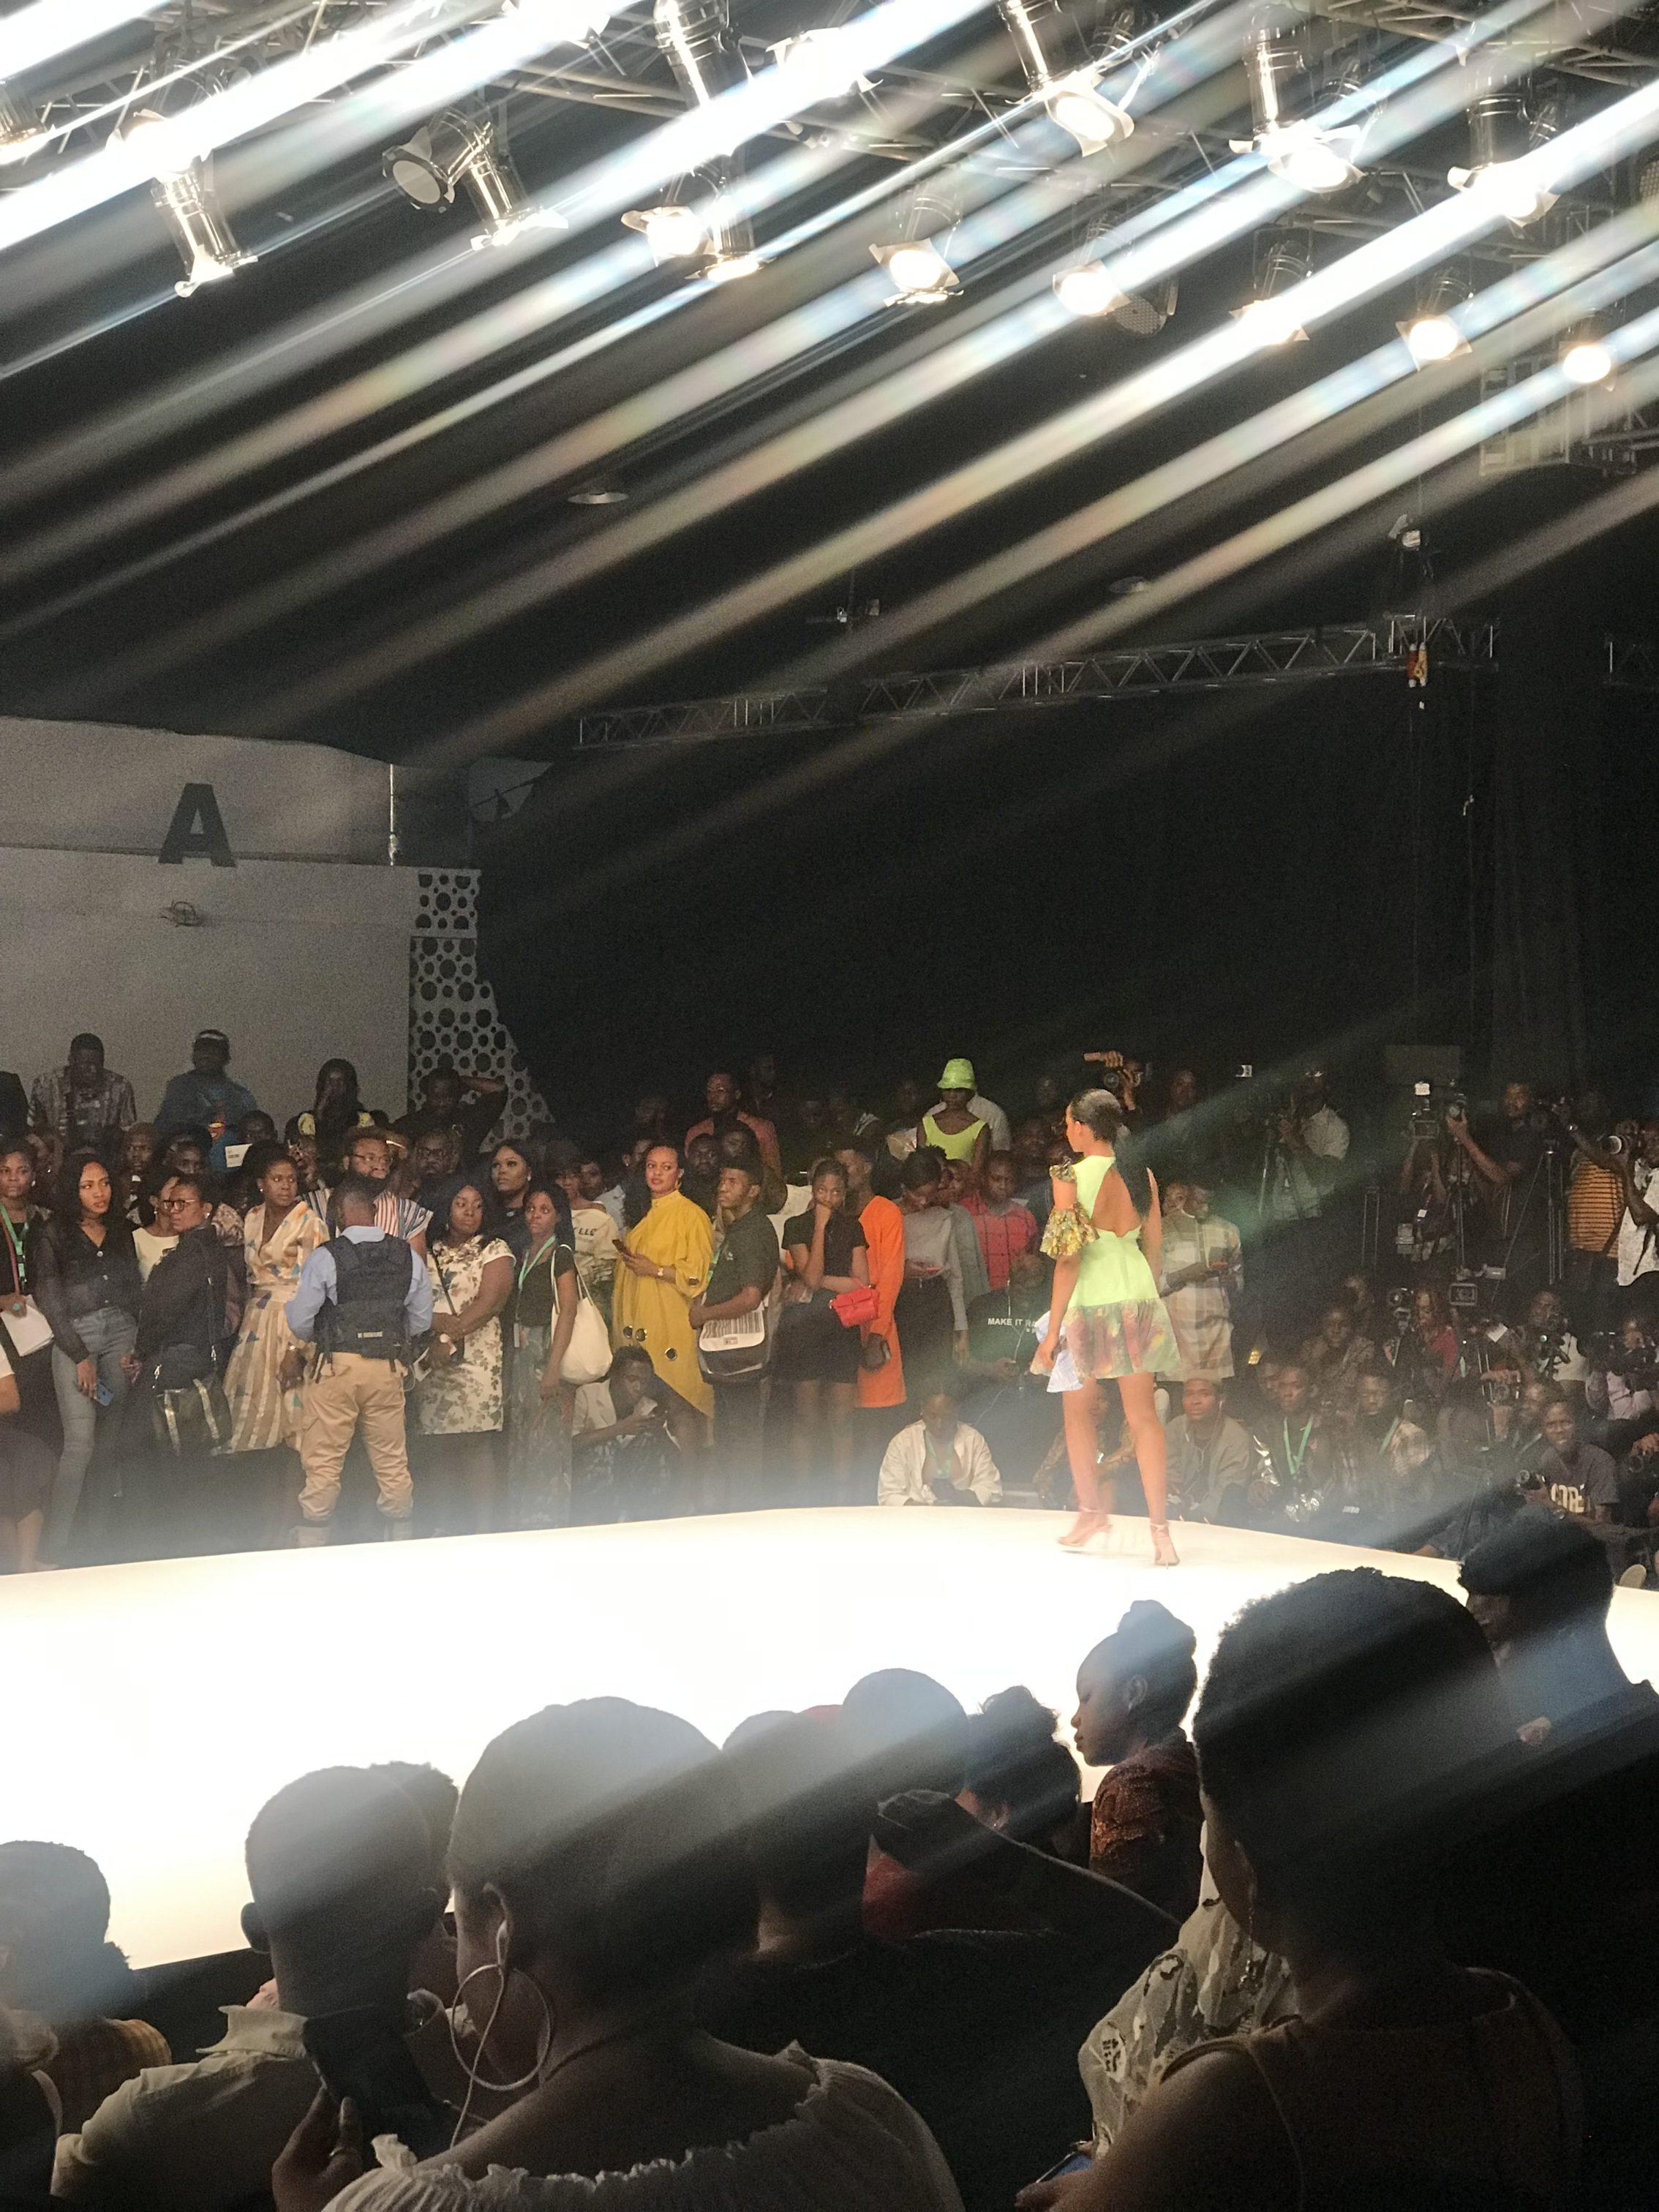 runway shows at Lagos fashion week 2019